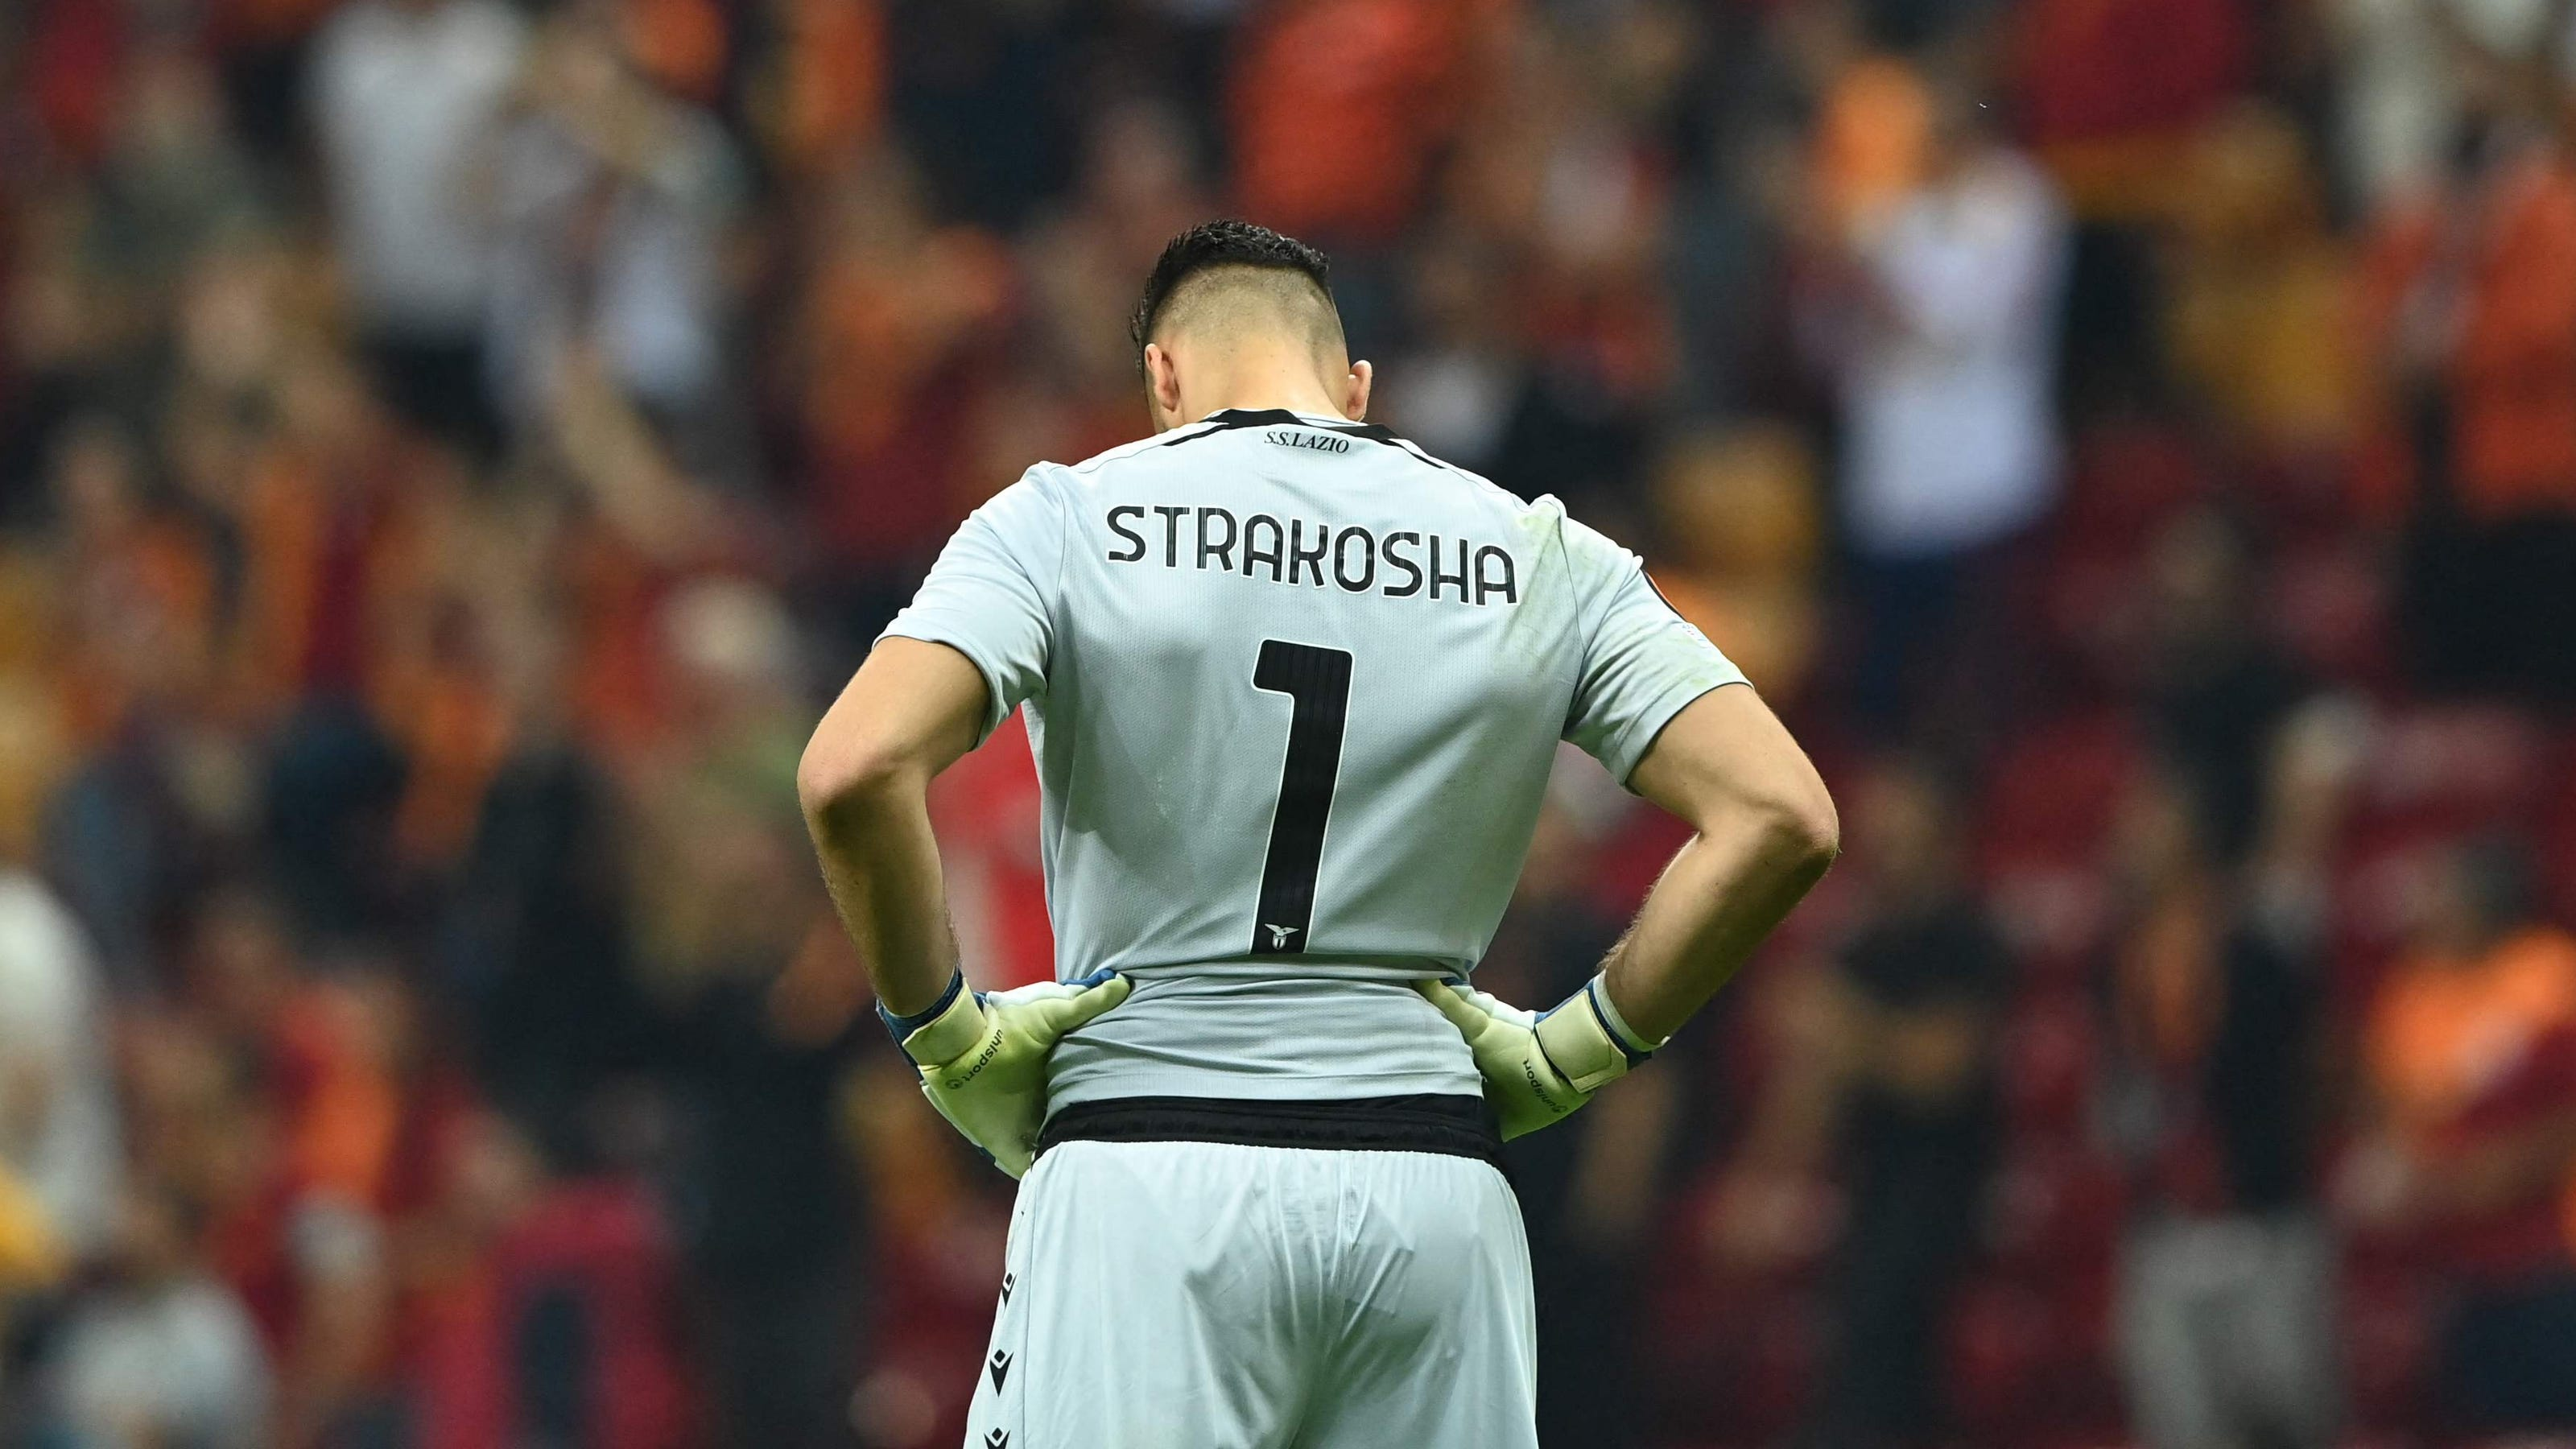 Worst own goal ever? Lazio GK Thomas Strakosha's Europa League blunder